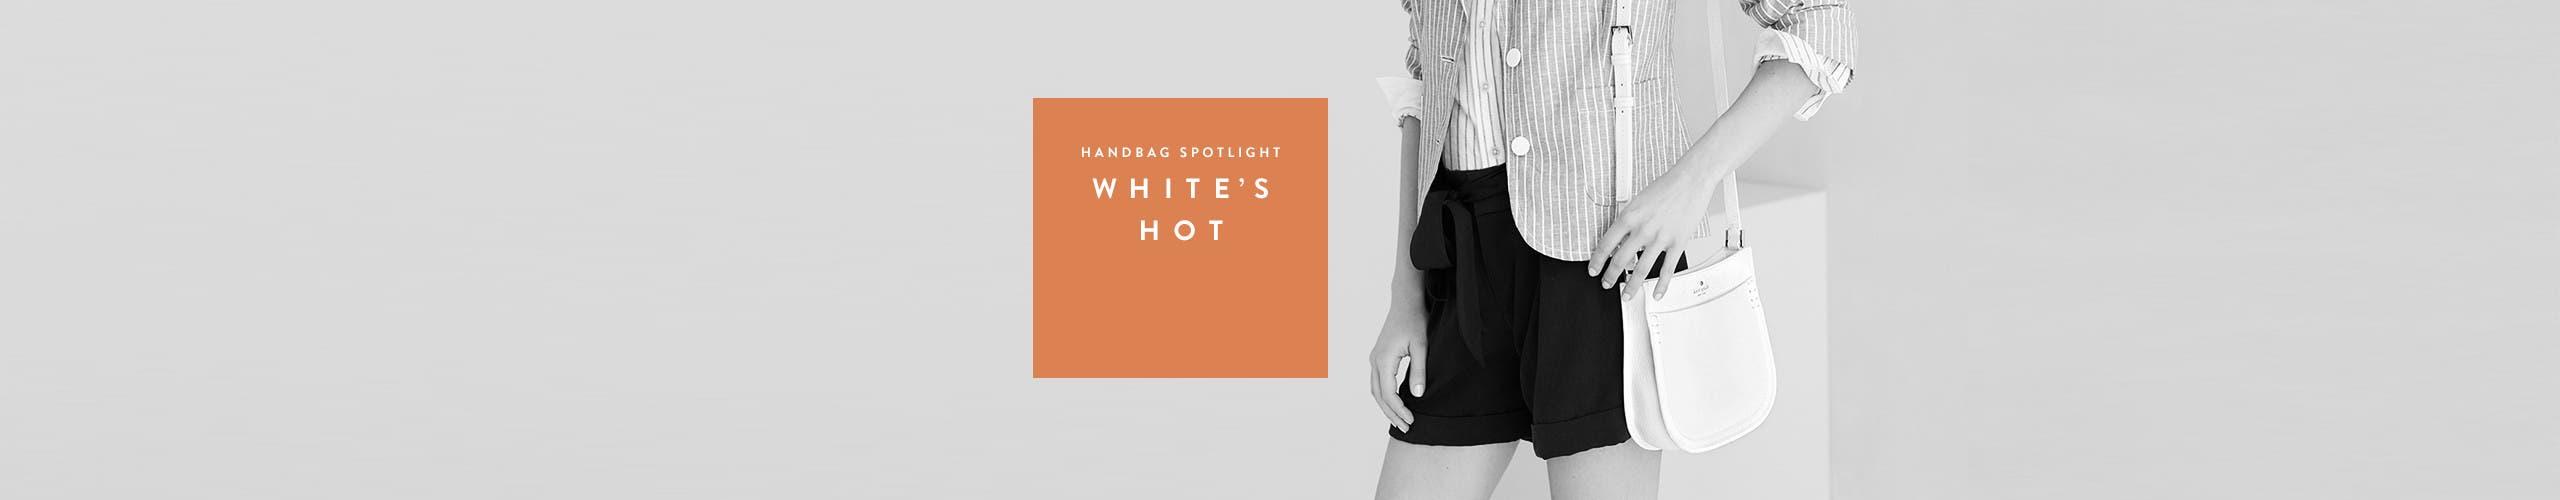 Handbag Spotlight: white's hot. The white handbag trend.